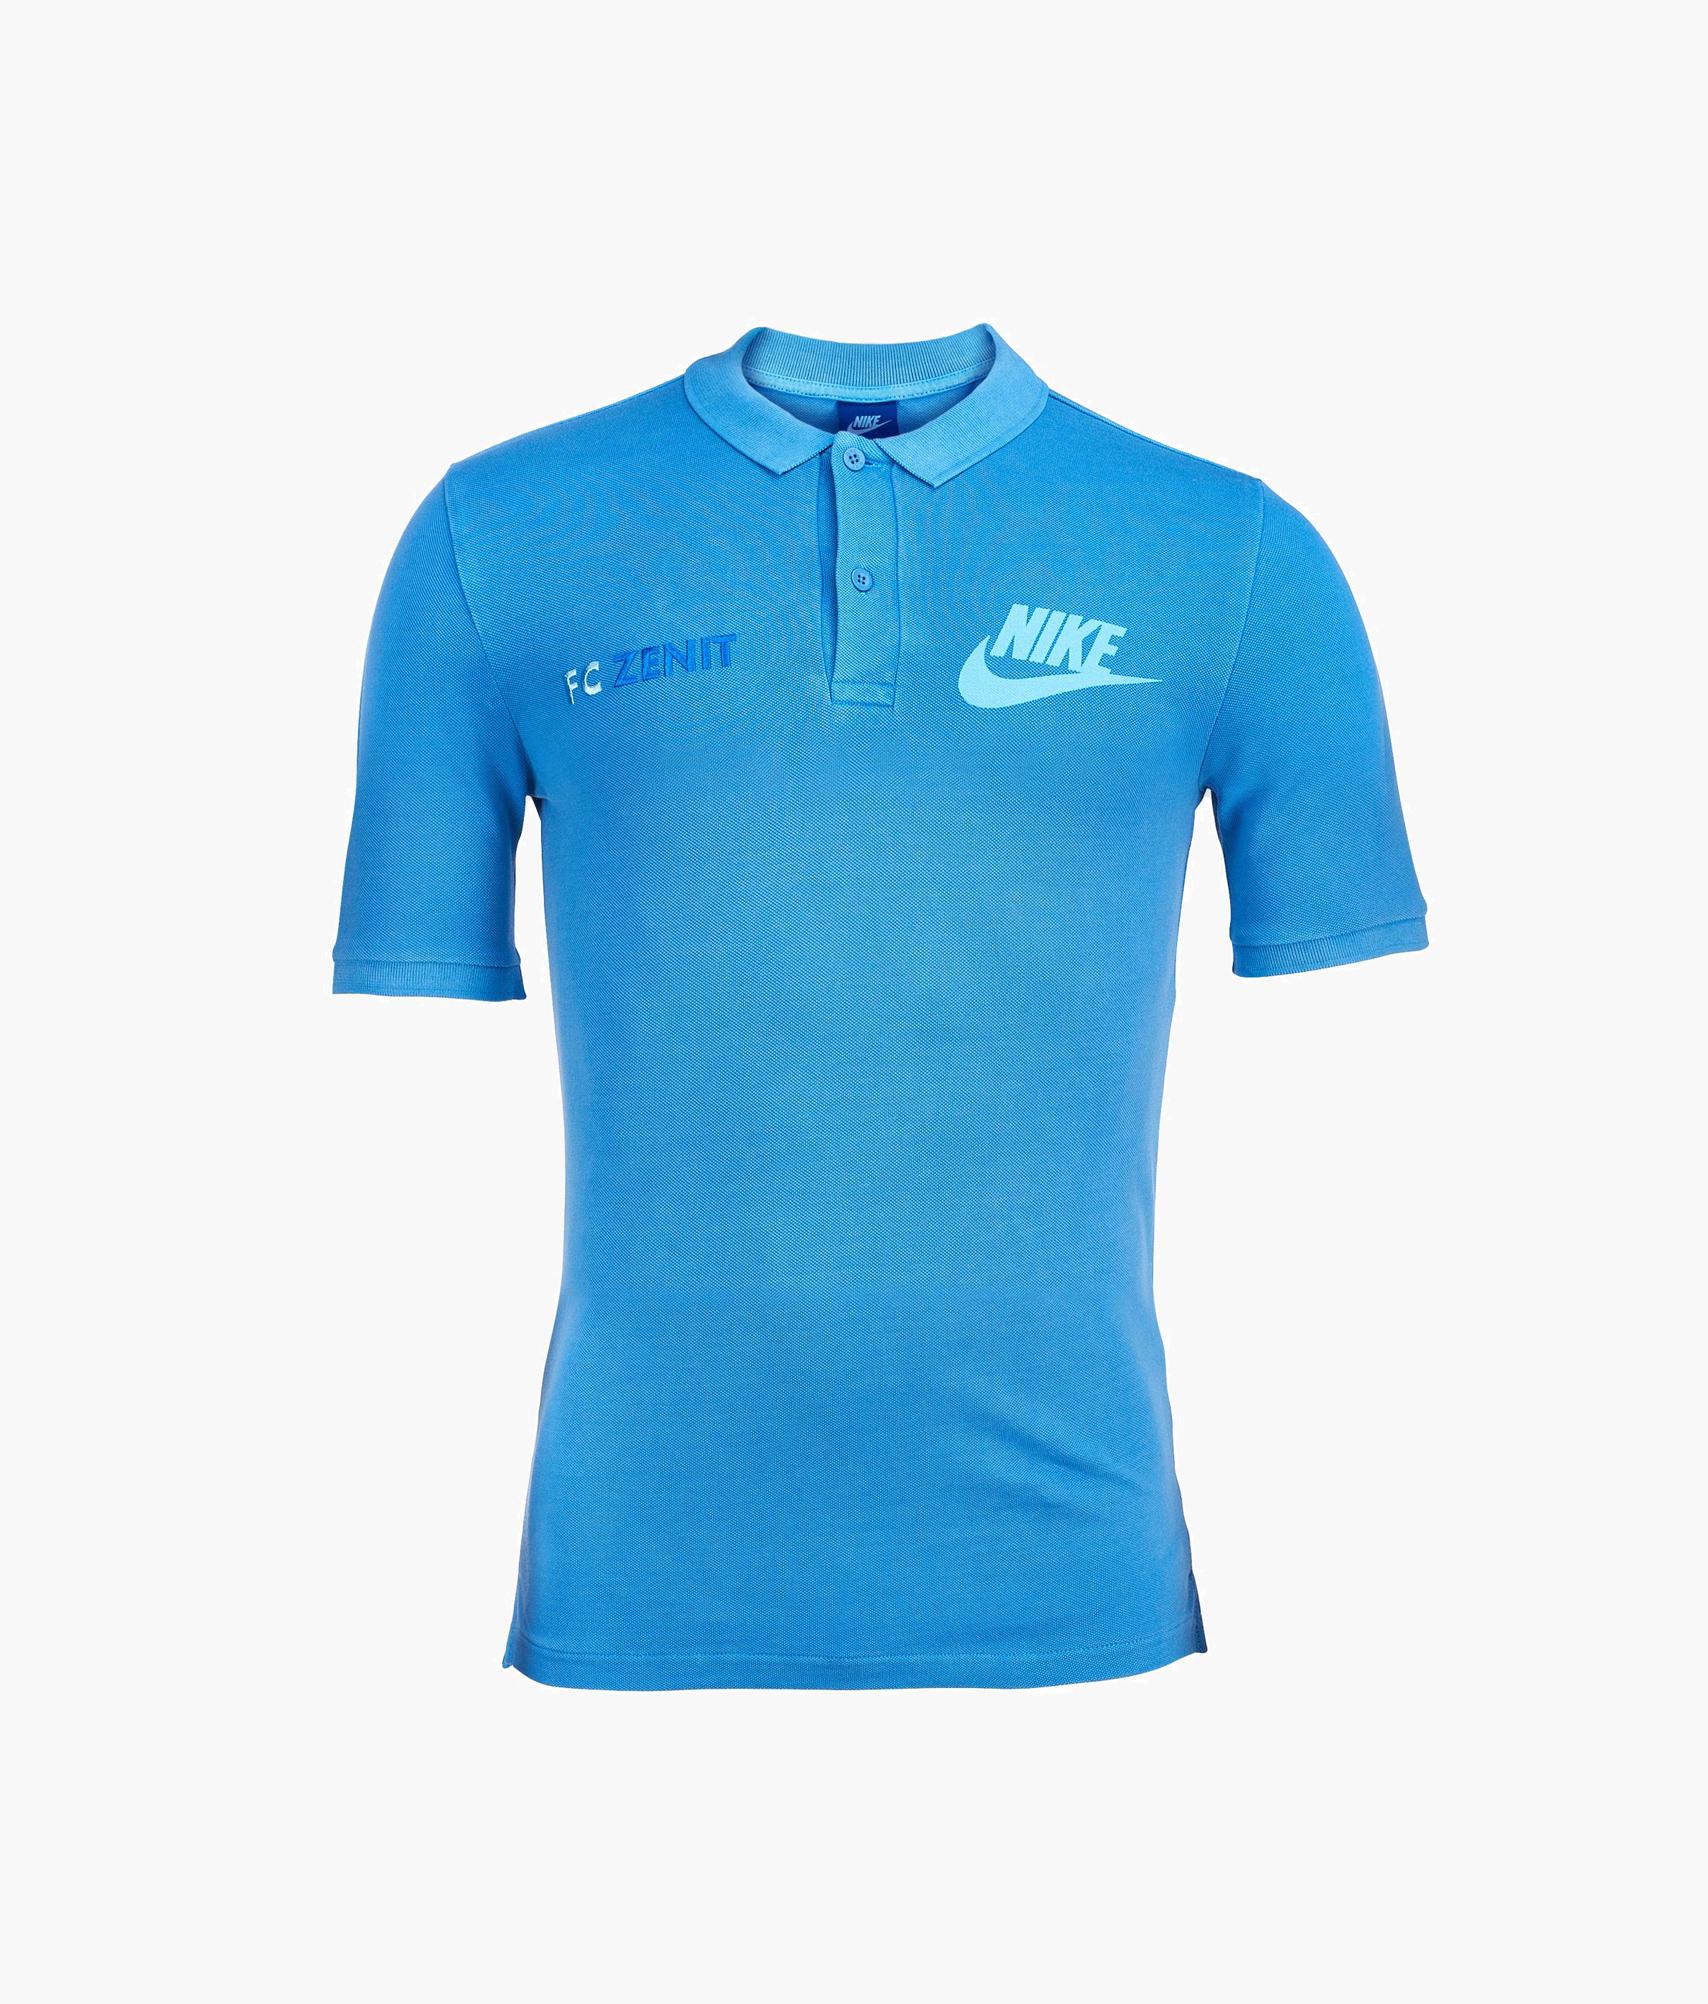 Поло Nike Nike Цвет-Лазурный